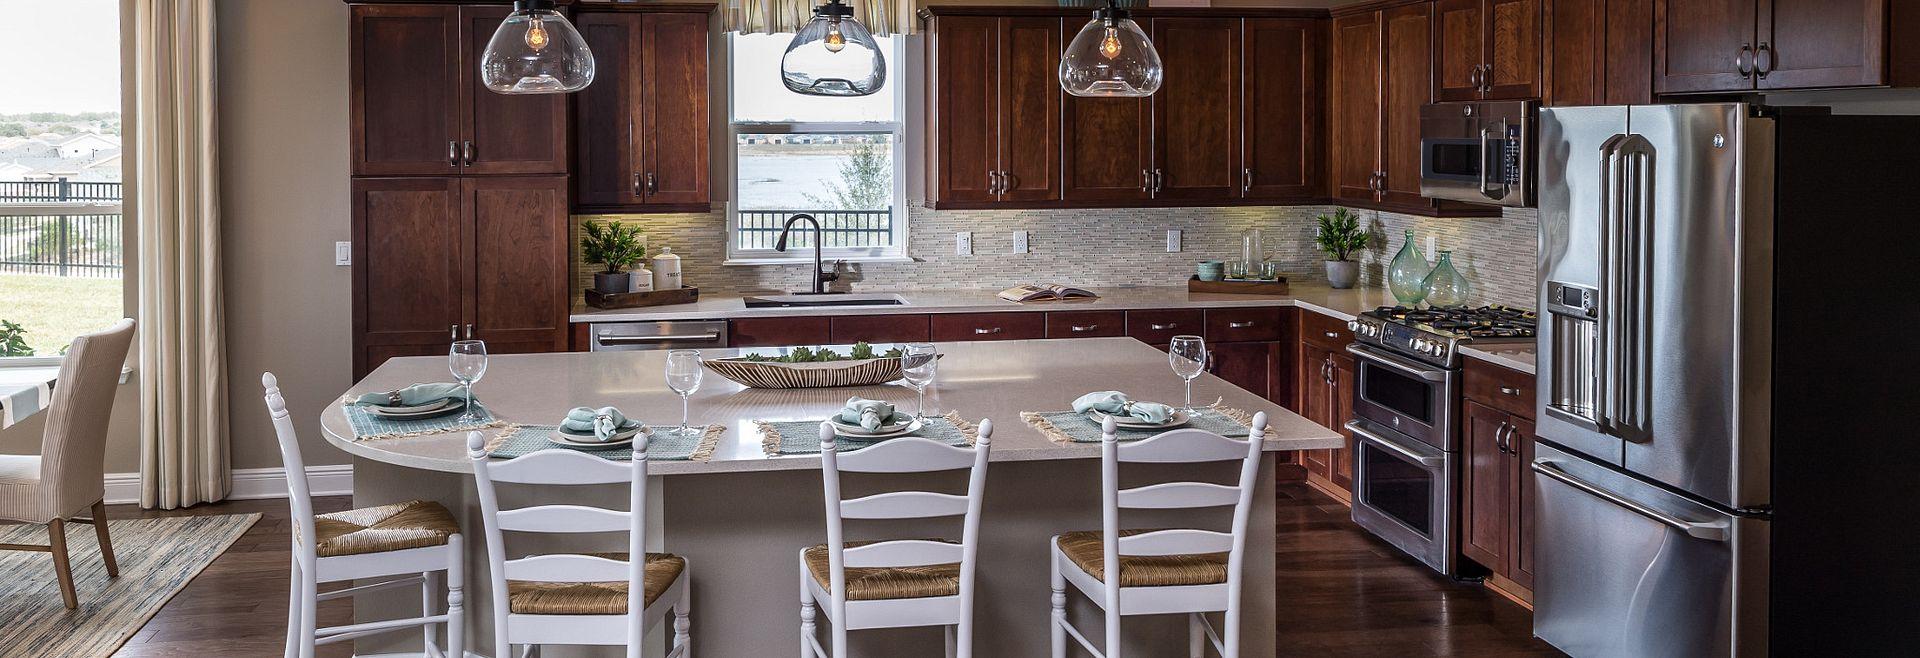 Trilogy Orlando Declare Plan Kitchen